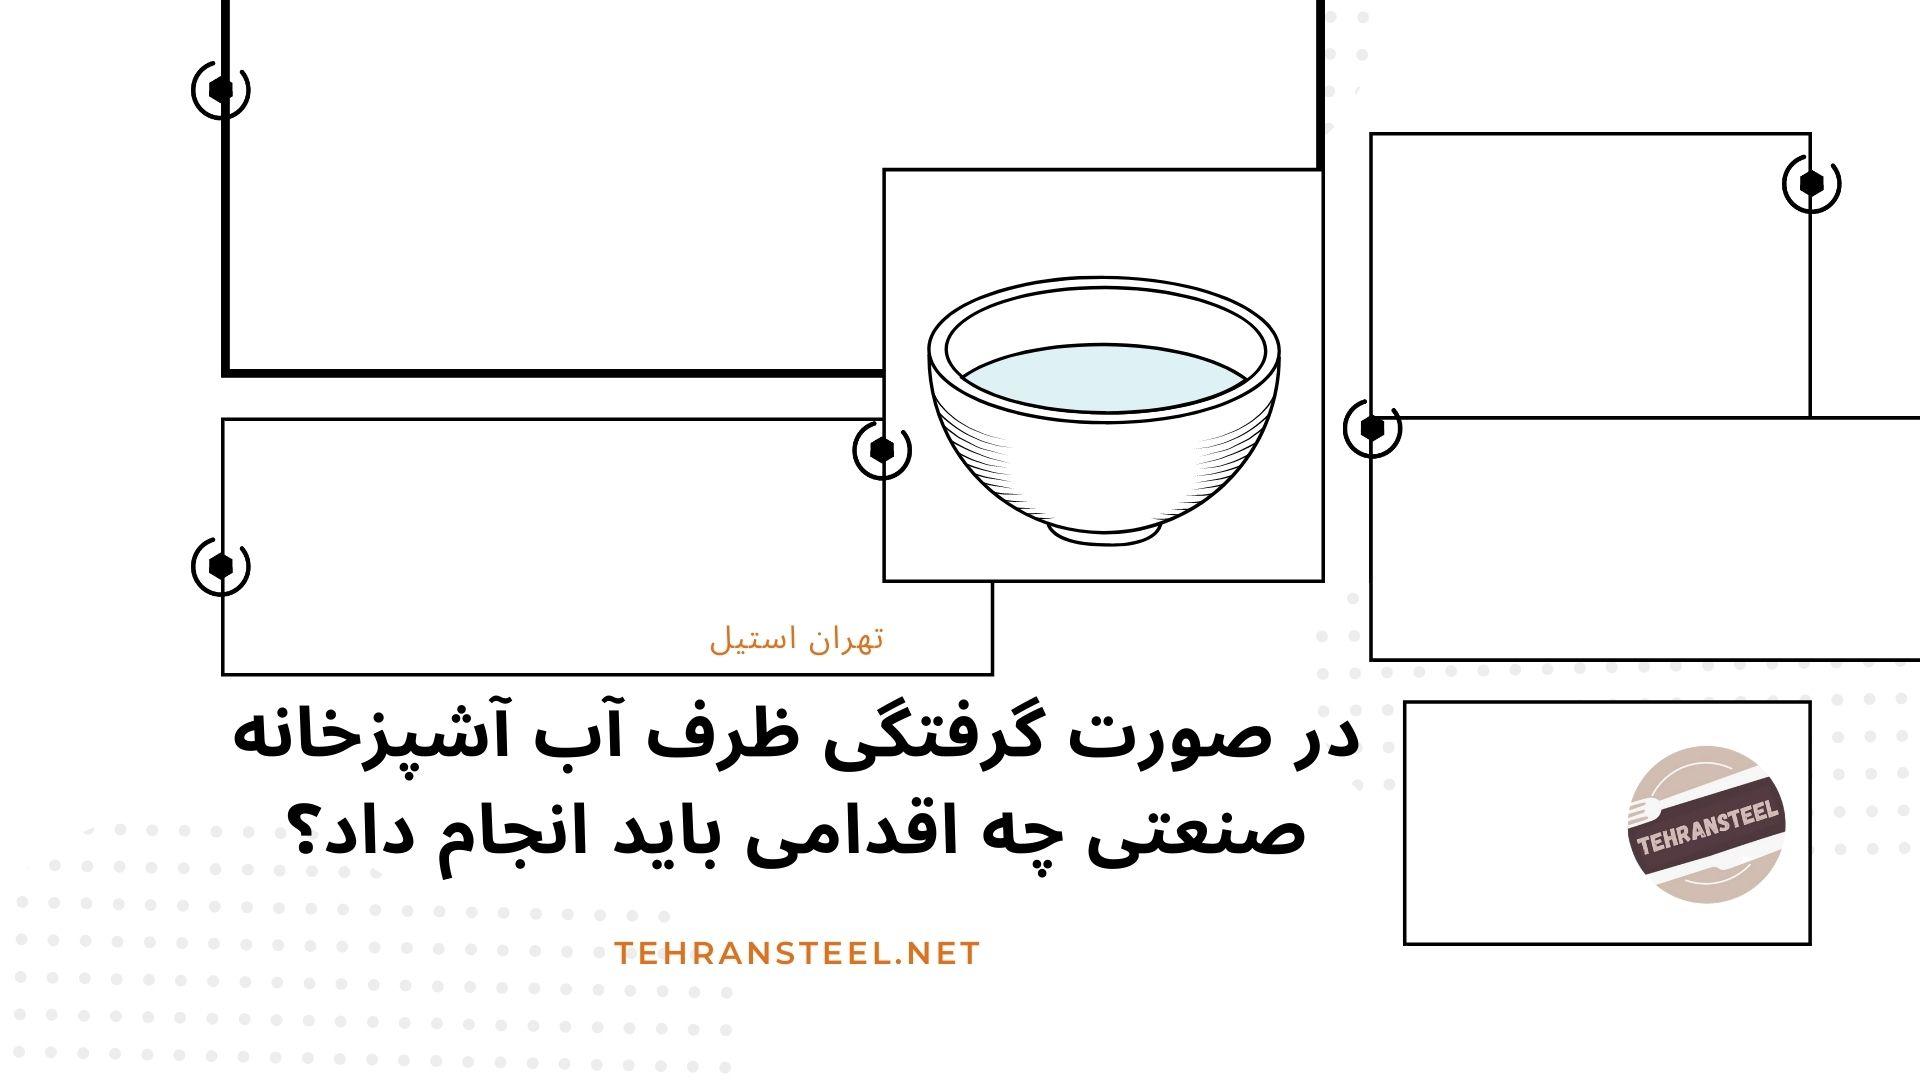 در صورت گرفتگی ظرف آب آشپزخانه صنعتی چه اقدامی باید انجام داد؟